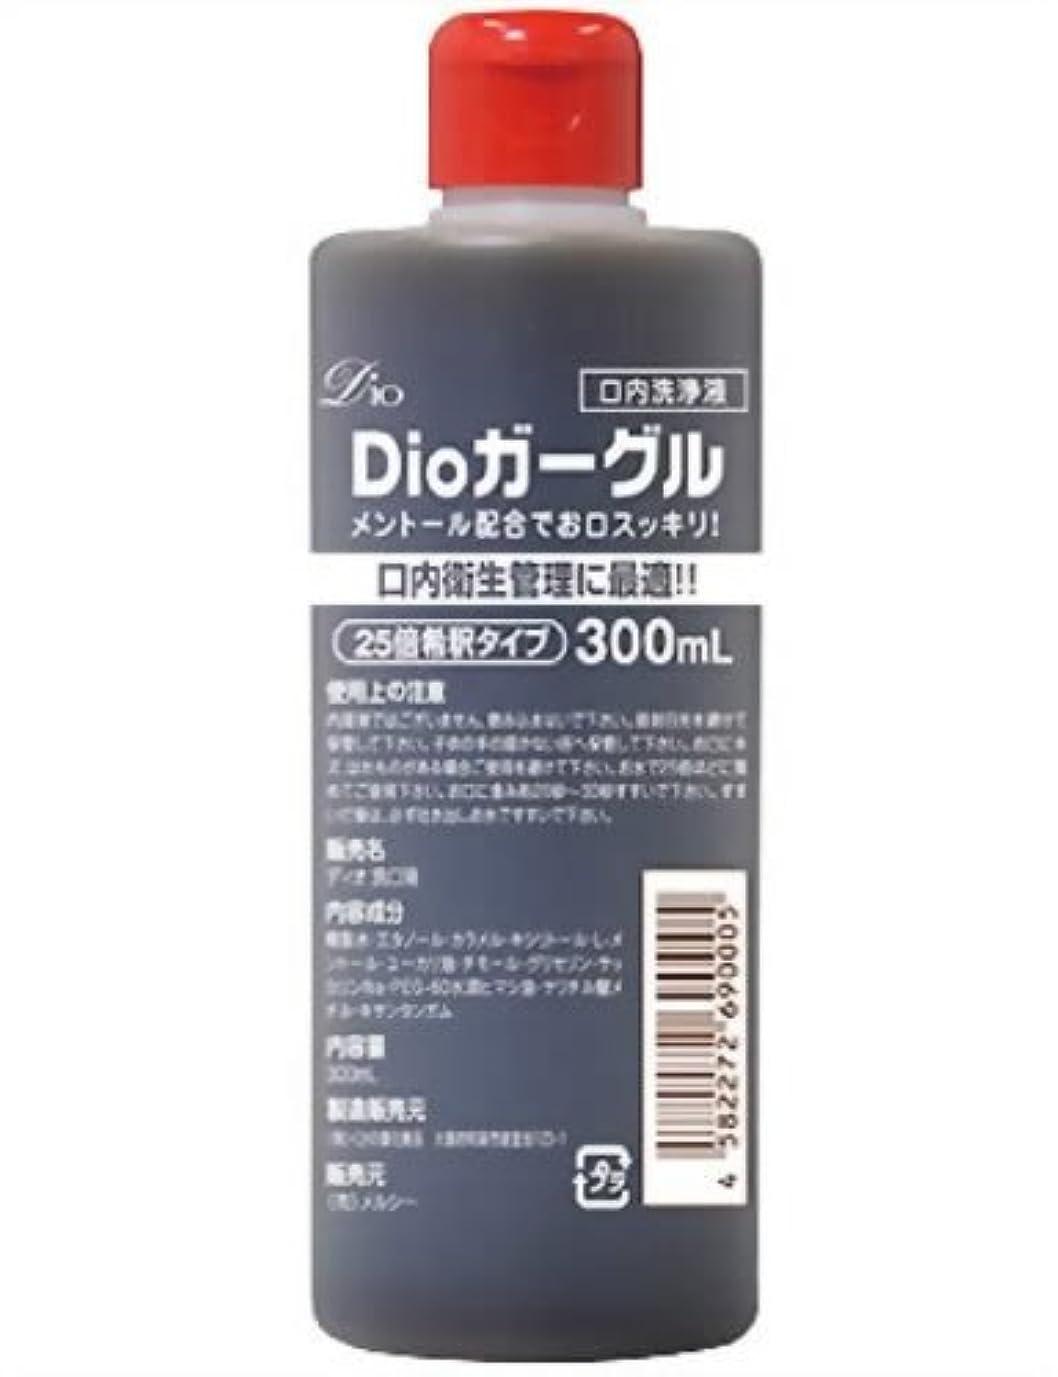 刑務所暴君願望【業務用】 Dioガーグル 300ml